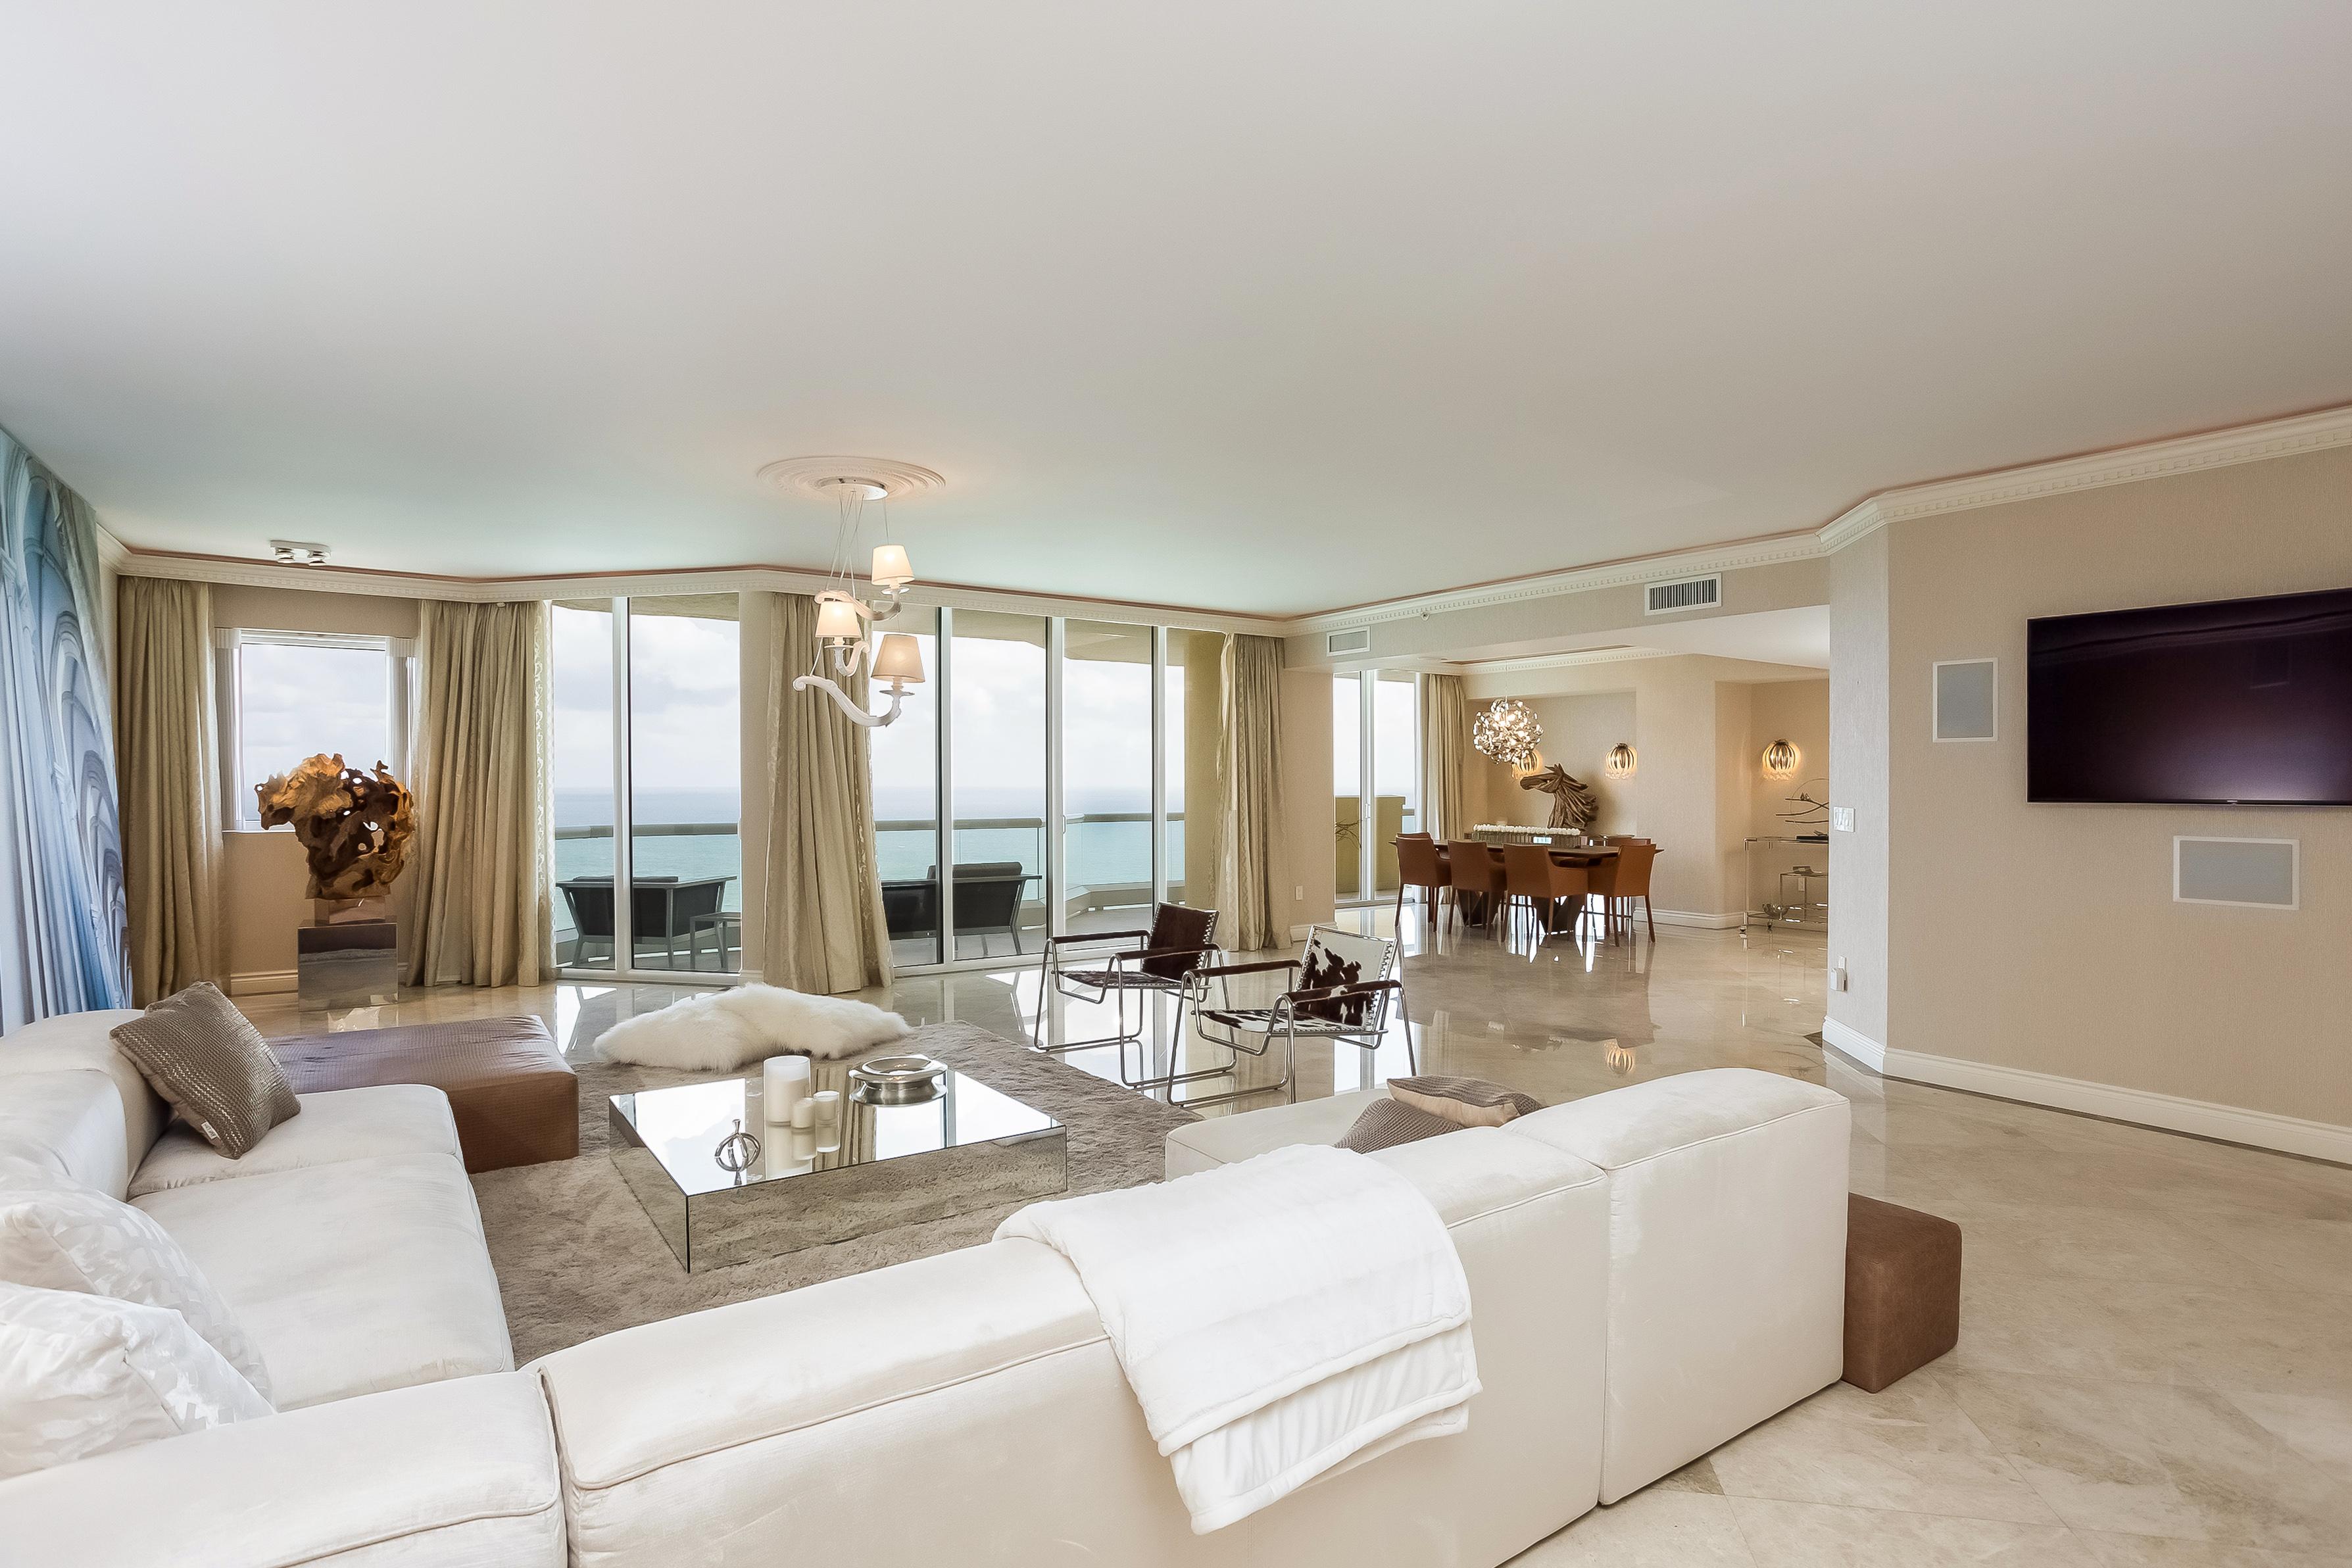 Кондоминиум для того Продажа на 17875 Collins Av #3703 17875 Collins Av 3703 Sunny Isles Beach, Флорида, 33160 Соединенные Штаты